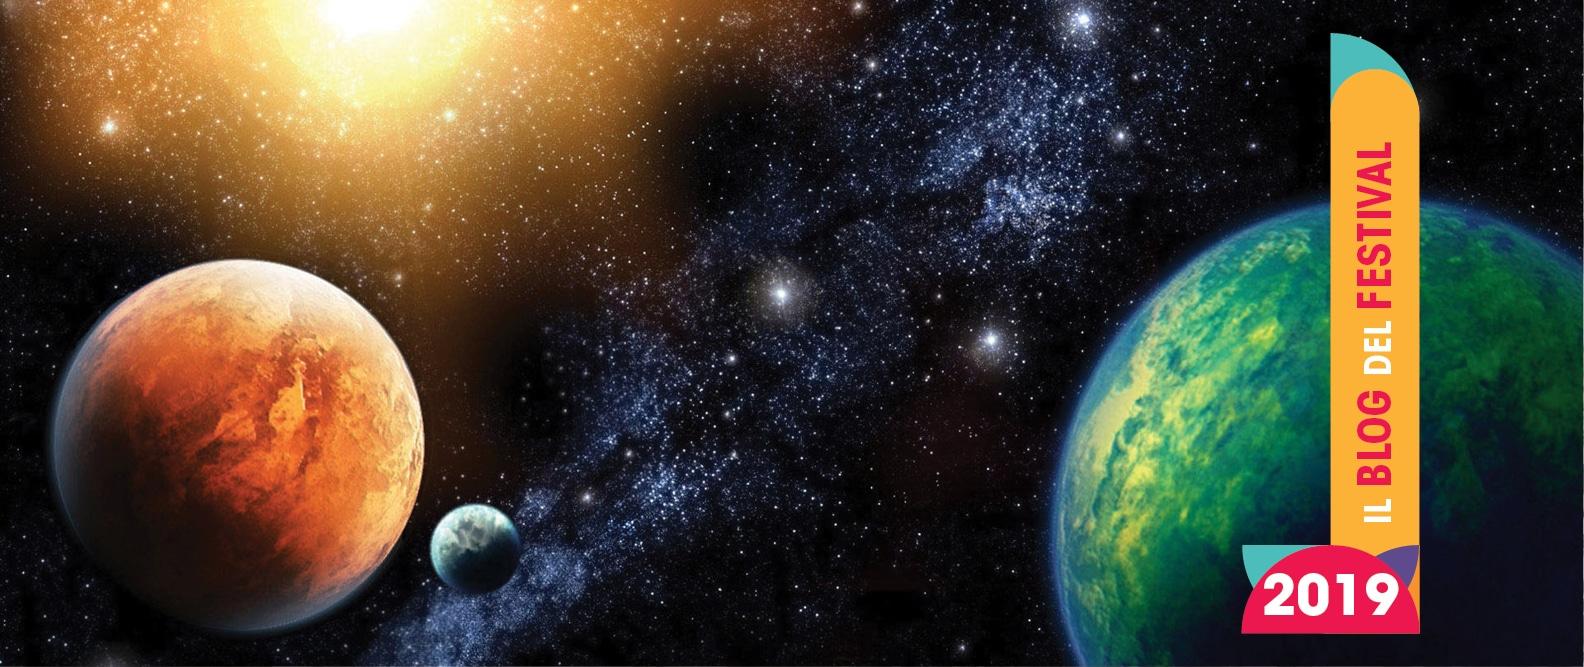 La passeggiata di Mercurio davanti al Sole: ecco quando si terrà l'evento astronomico più atteso del 2019